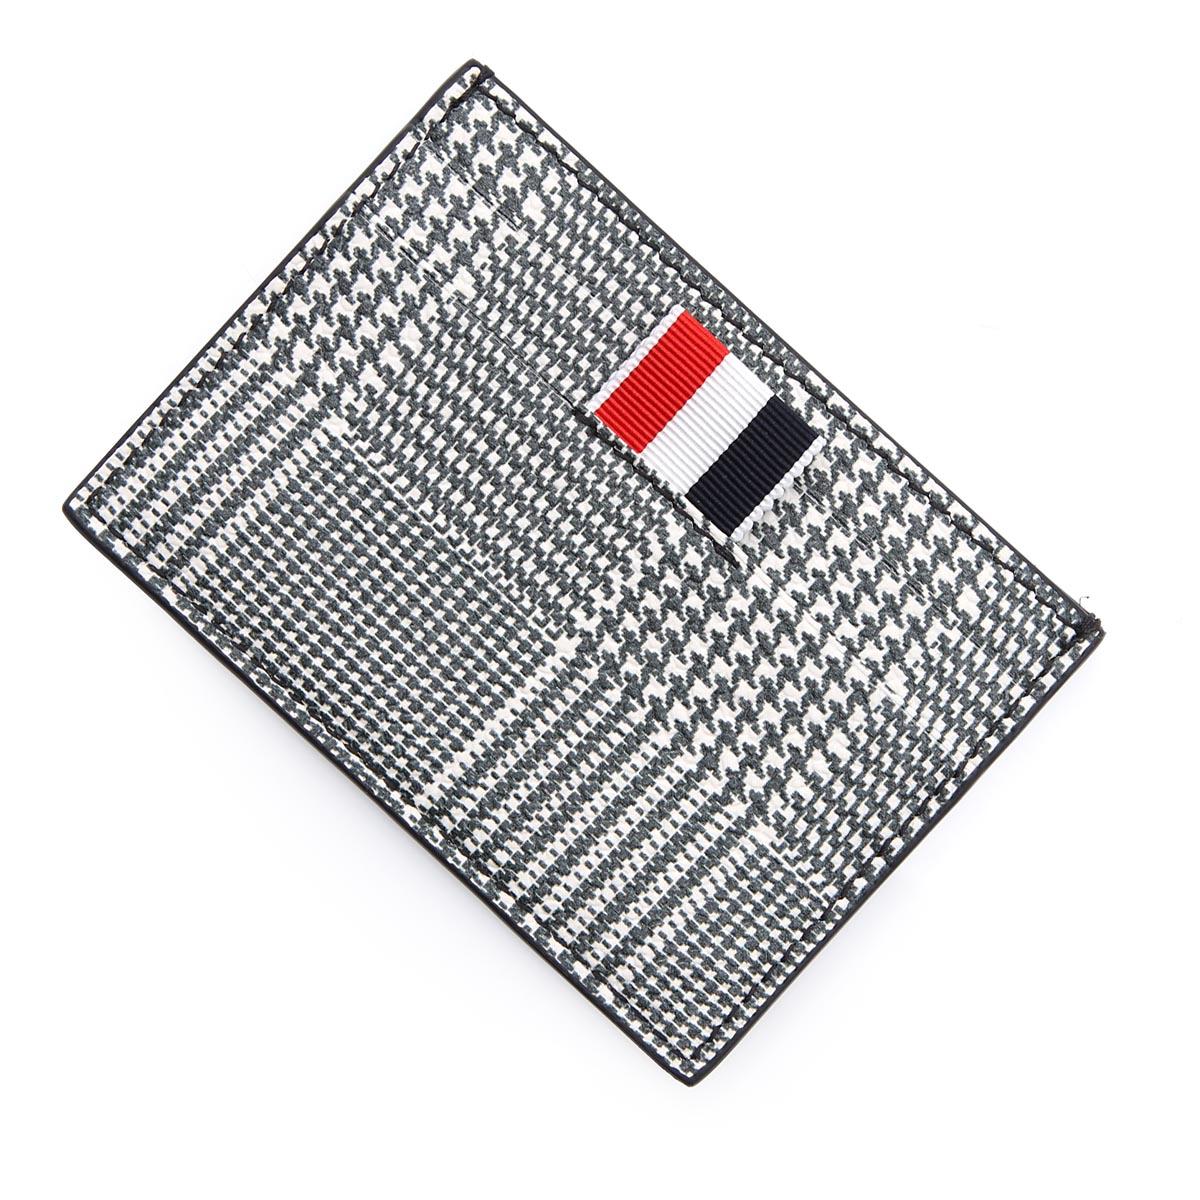 財布・ケース, クレジットカードケース  THOM BROWNE. maw020b 06741 980 PRINCE OF WALES PRINT SINGLE 4-BAR CARD HOLDER